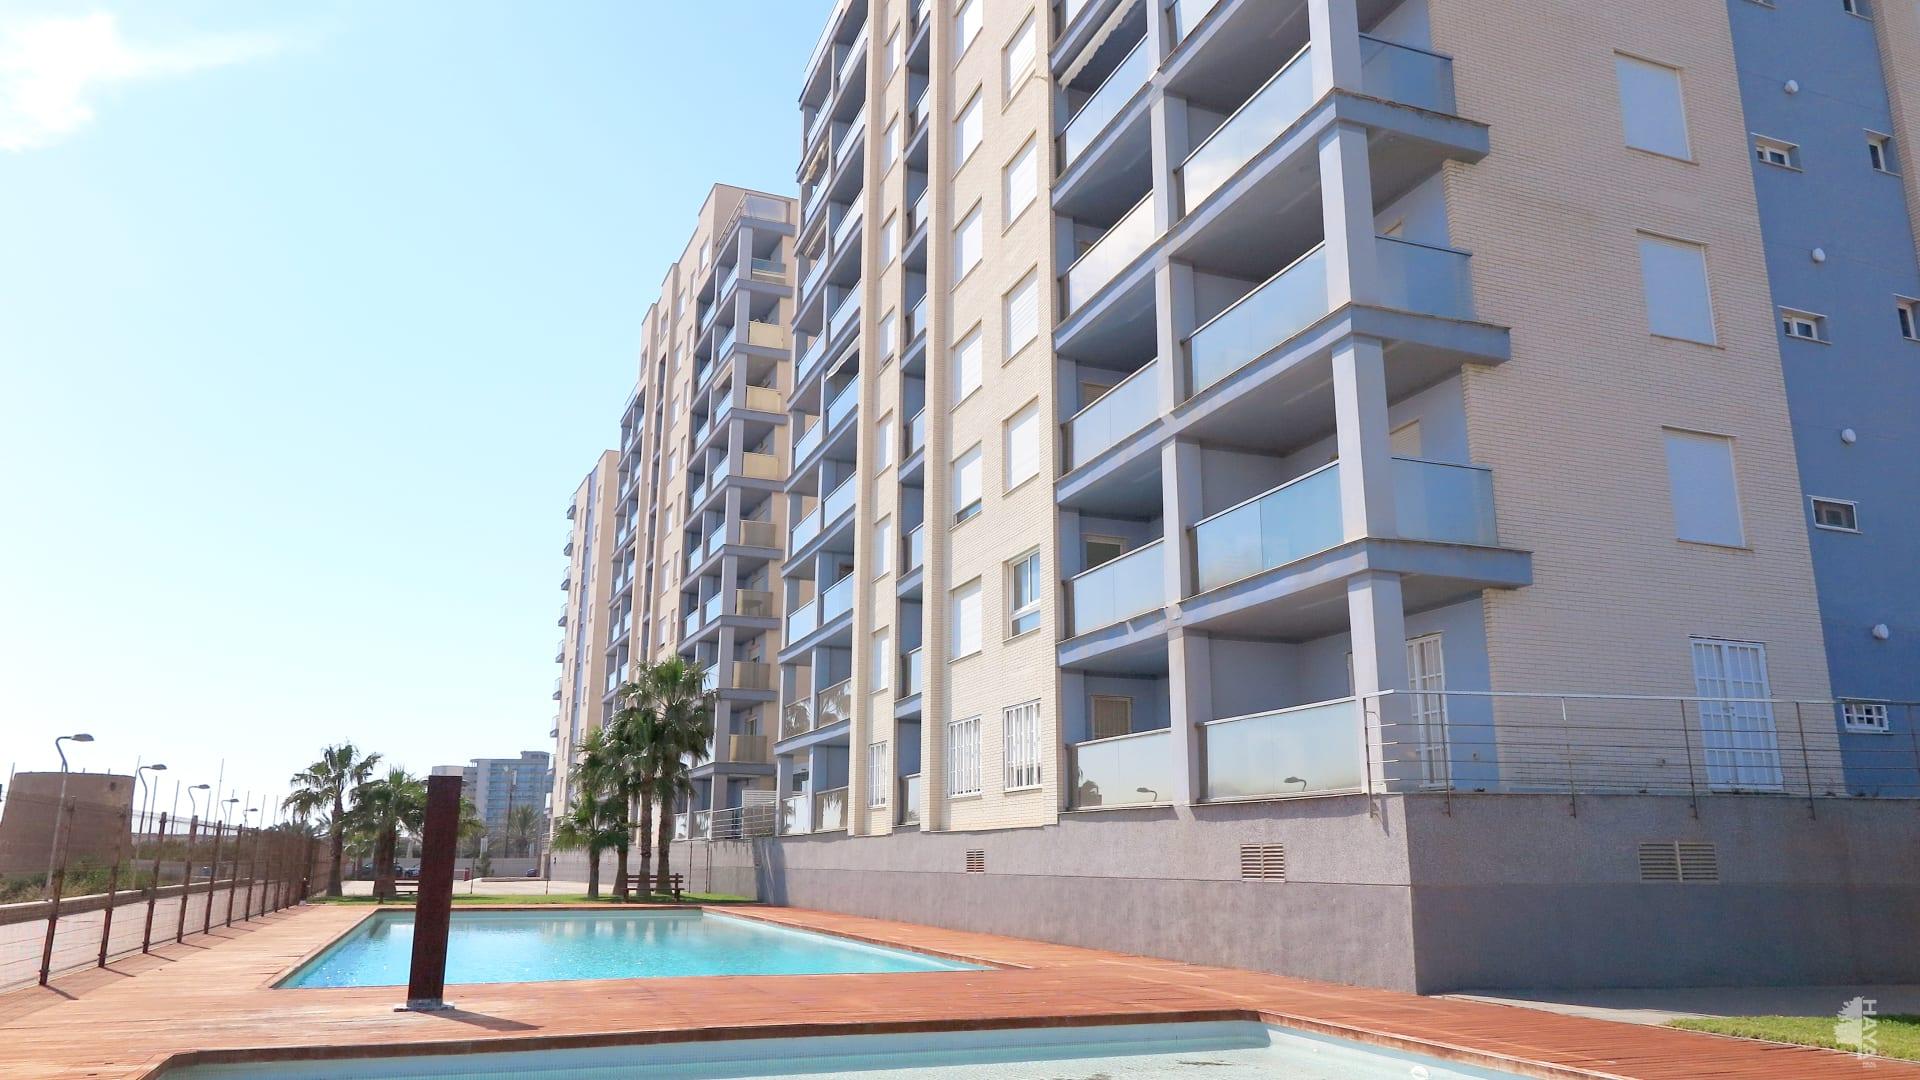 Piso en venta en La Manga del Mar Menor, San Javier, Murcia, Urbanización Veneziola Golf Ii, 12.227.000 €, 2 habitaciones, 2 baños, 6210 m2